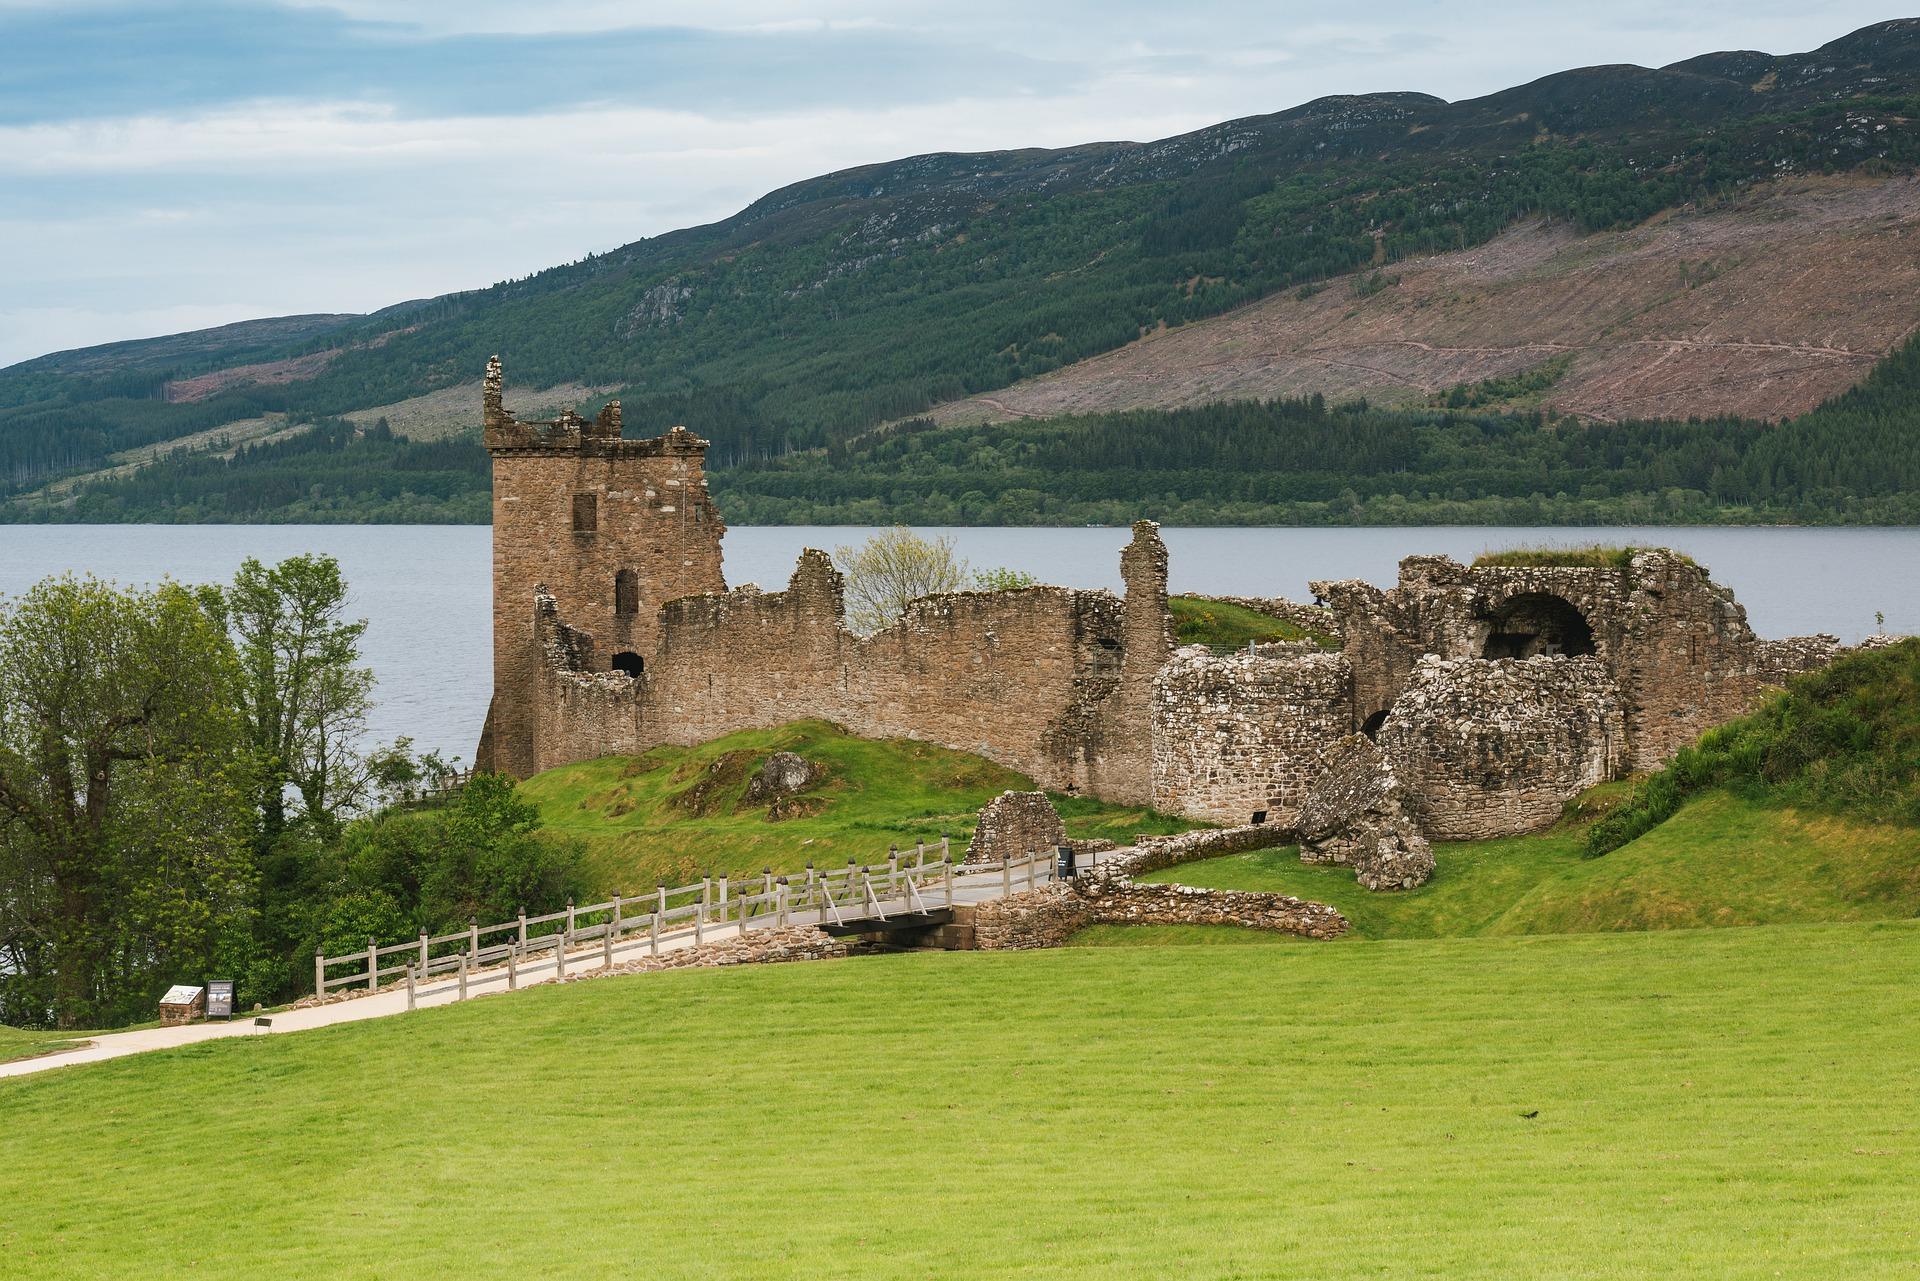 urquhart-castle-4491287_1920.jpg